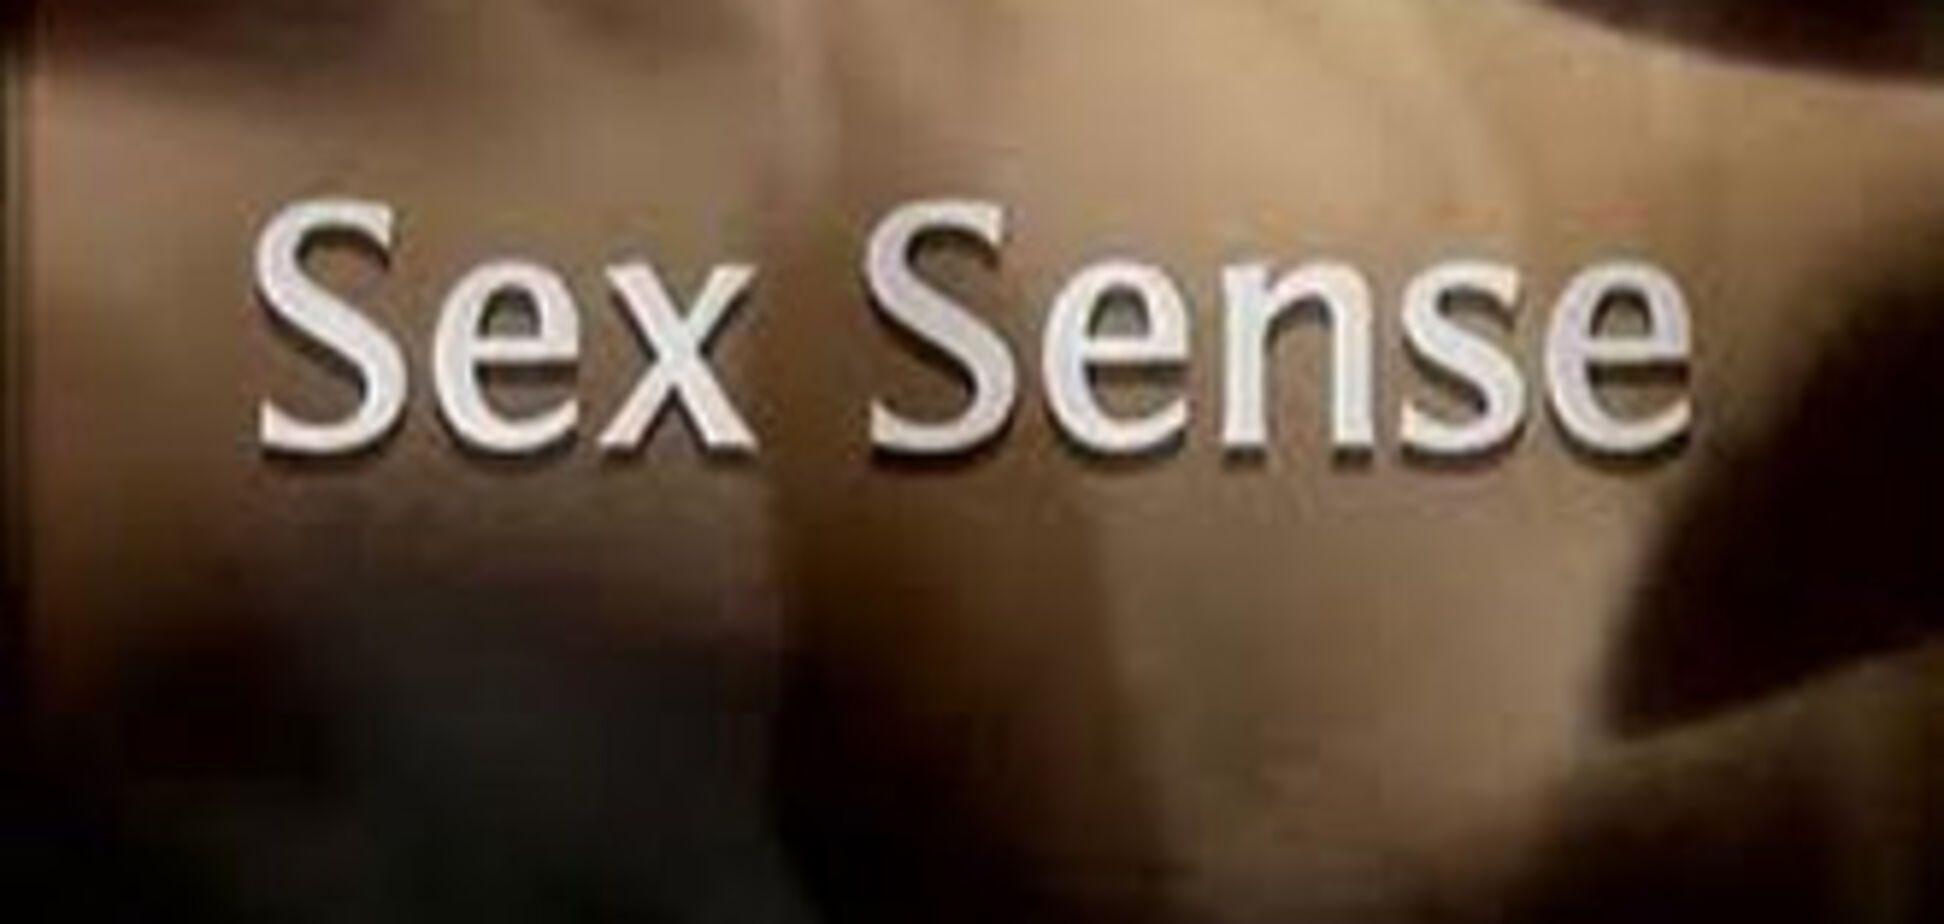 У сексу є 'вороги', яких потрібно знати в обличчя